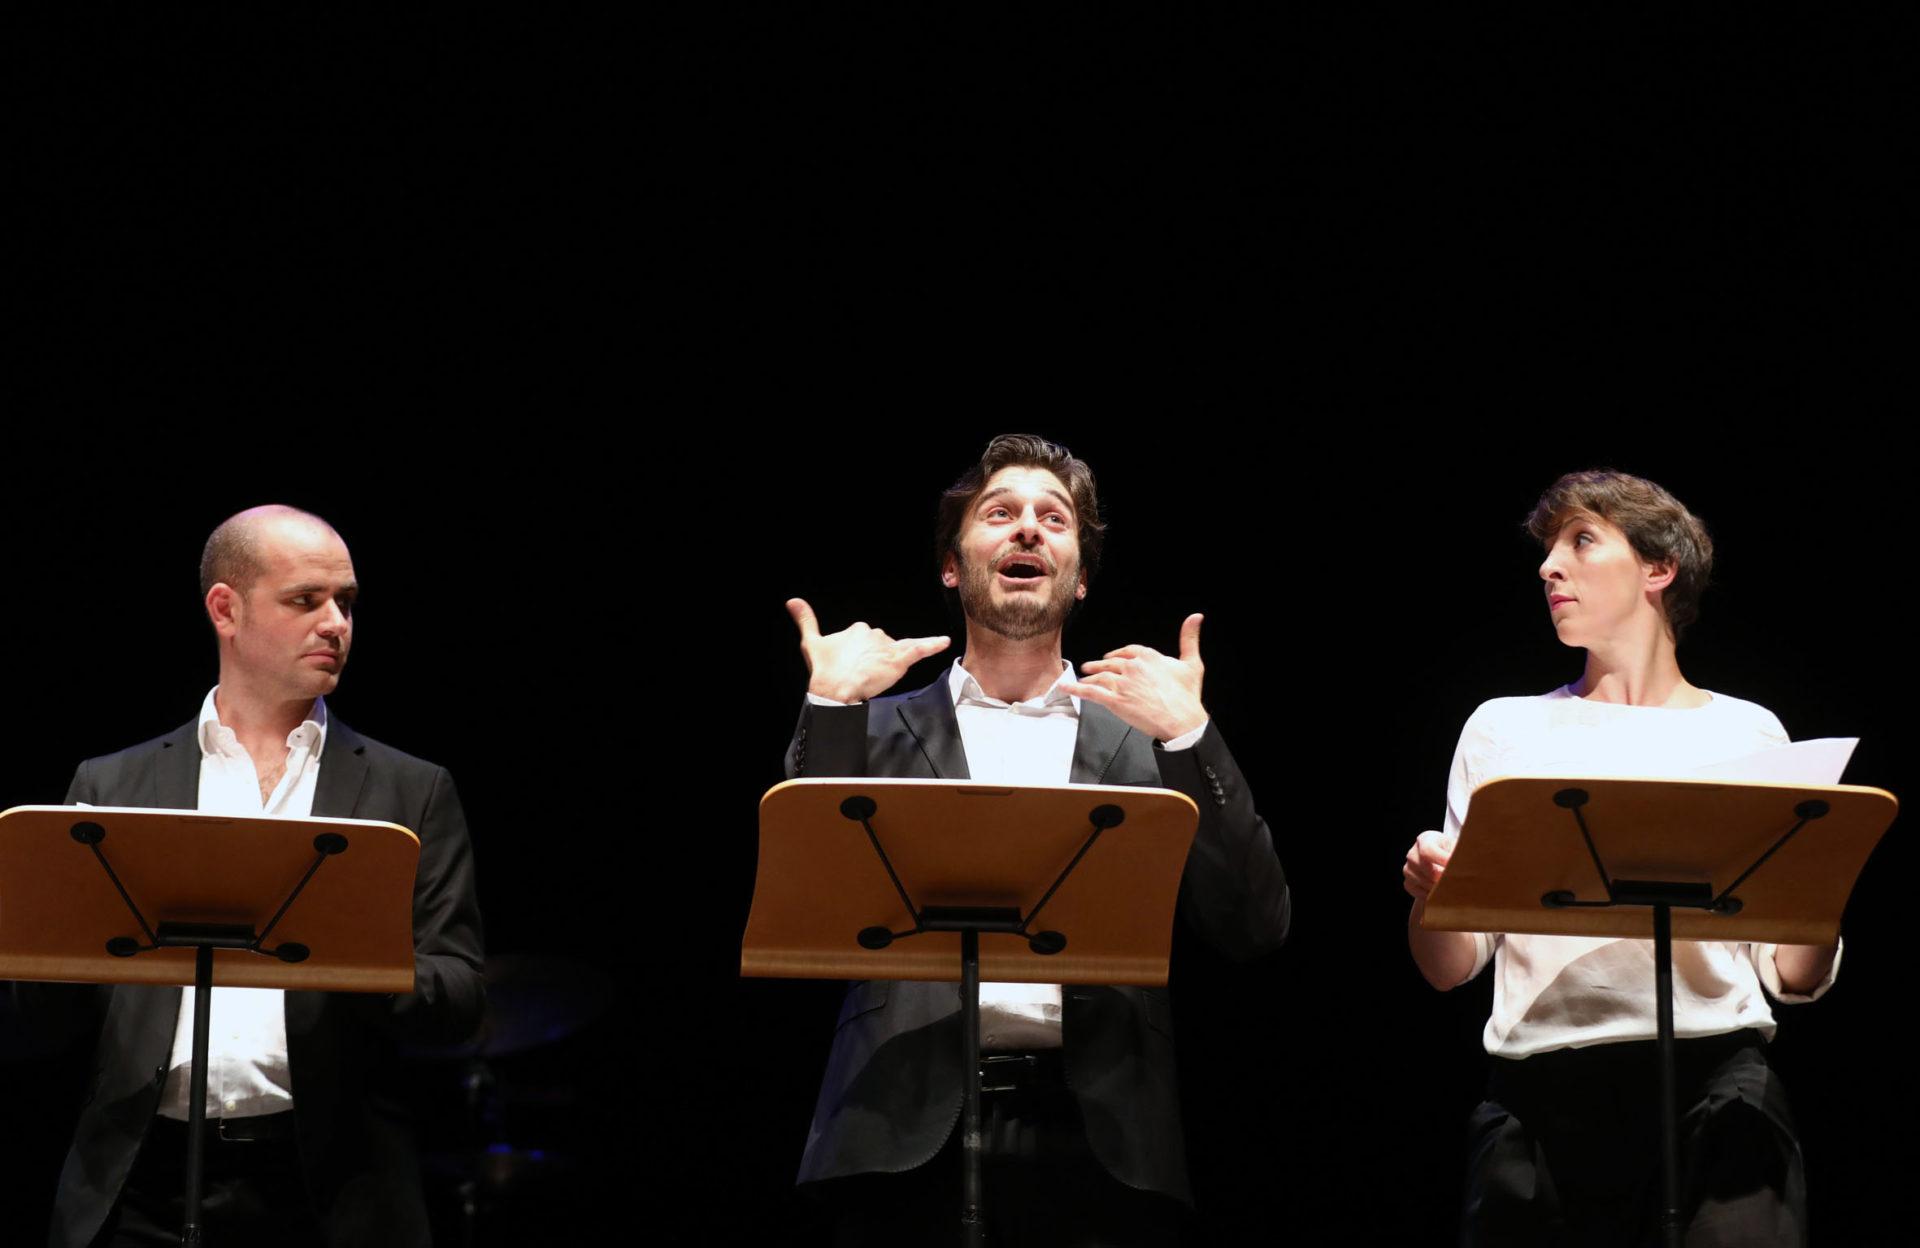 Michele Dell'Utri, Lino Guanciale e Diana Manea Immagina John Lennon - Poesia Festival '17 photo © Serena Campanini